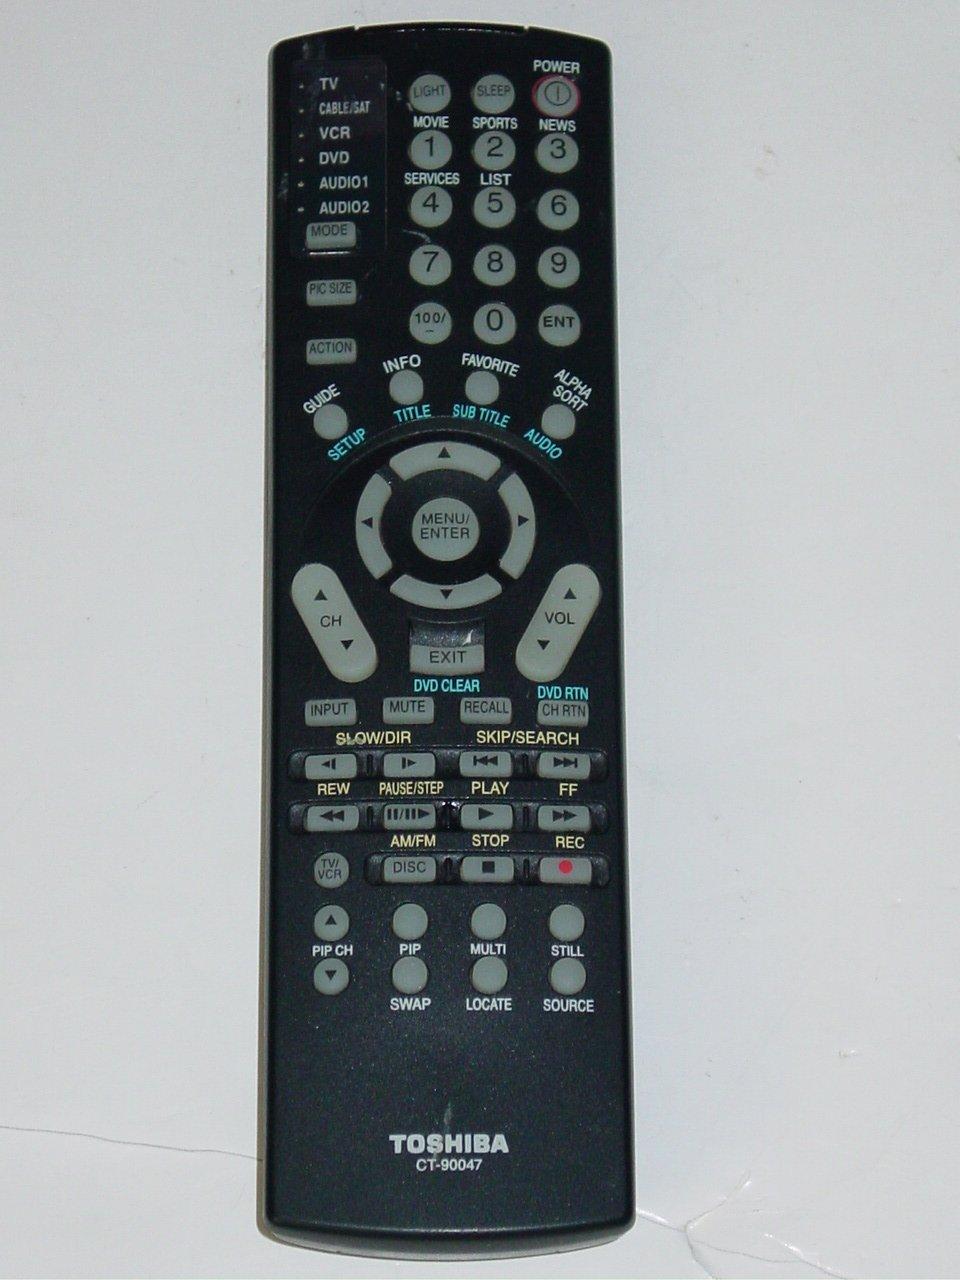 Toshiba CT-90047 TV DVD VCR A/V Remote Control for 36HFX70 36HFX71 36HFX72